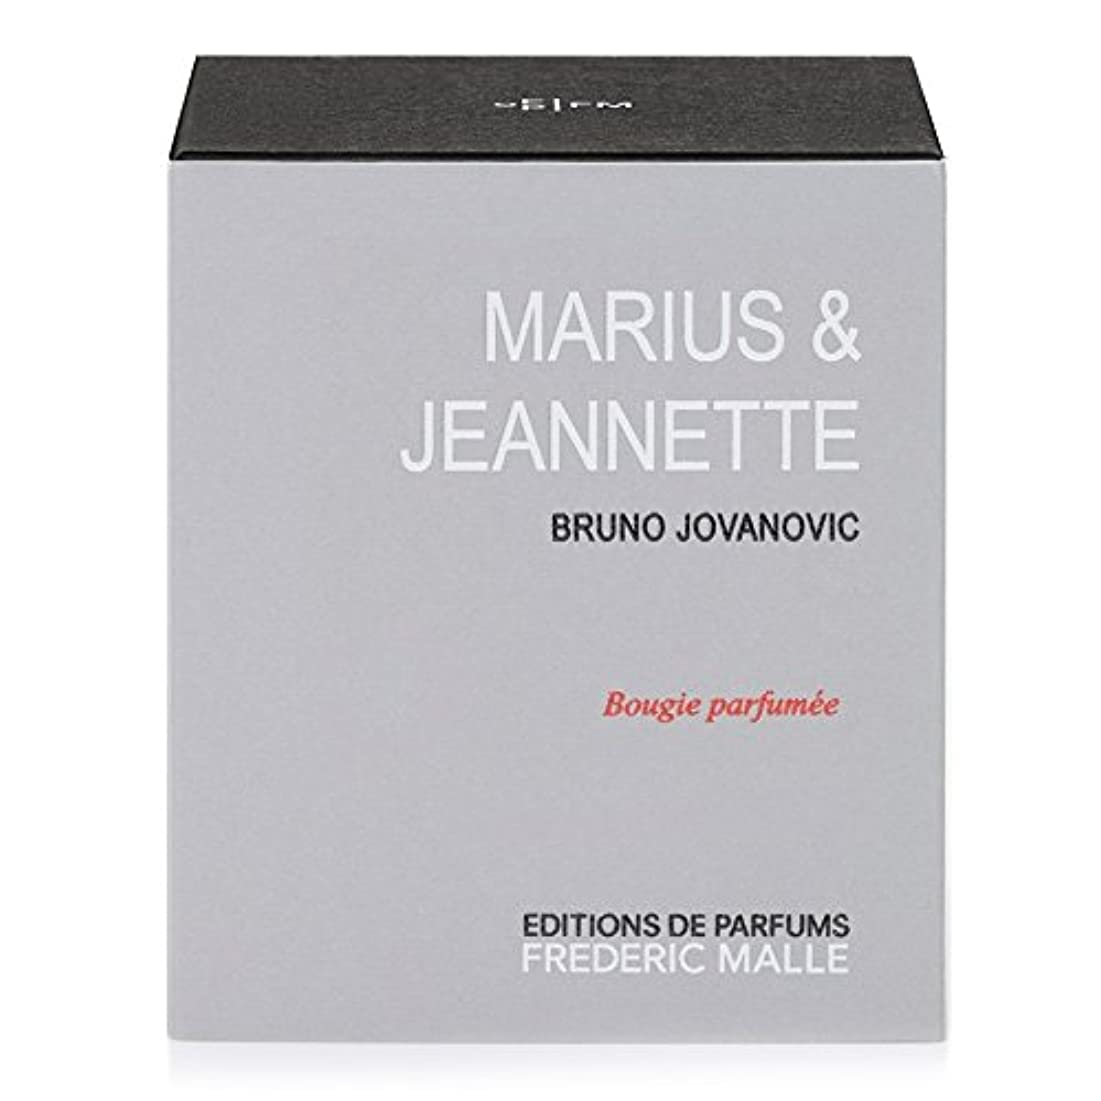 販売計画キロメートルウールFrederic Malle Maruis and Jeanette Scented Candle (Pack of 4) - フレデリック?マル とジャネット?香りのキャンドル x4 [並行輸入品]